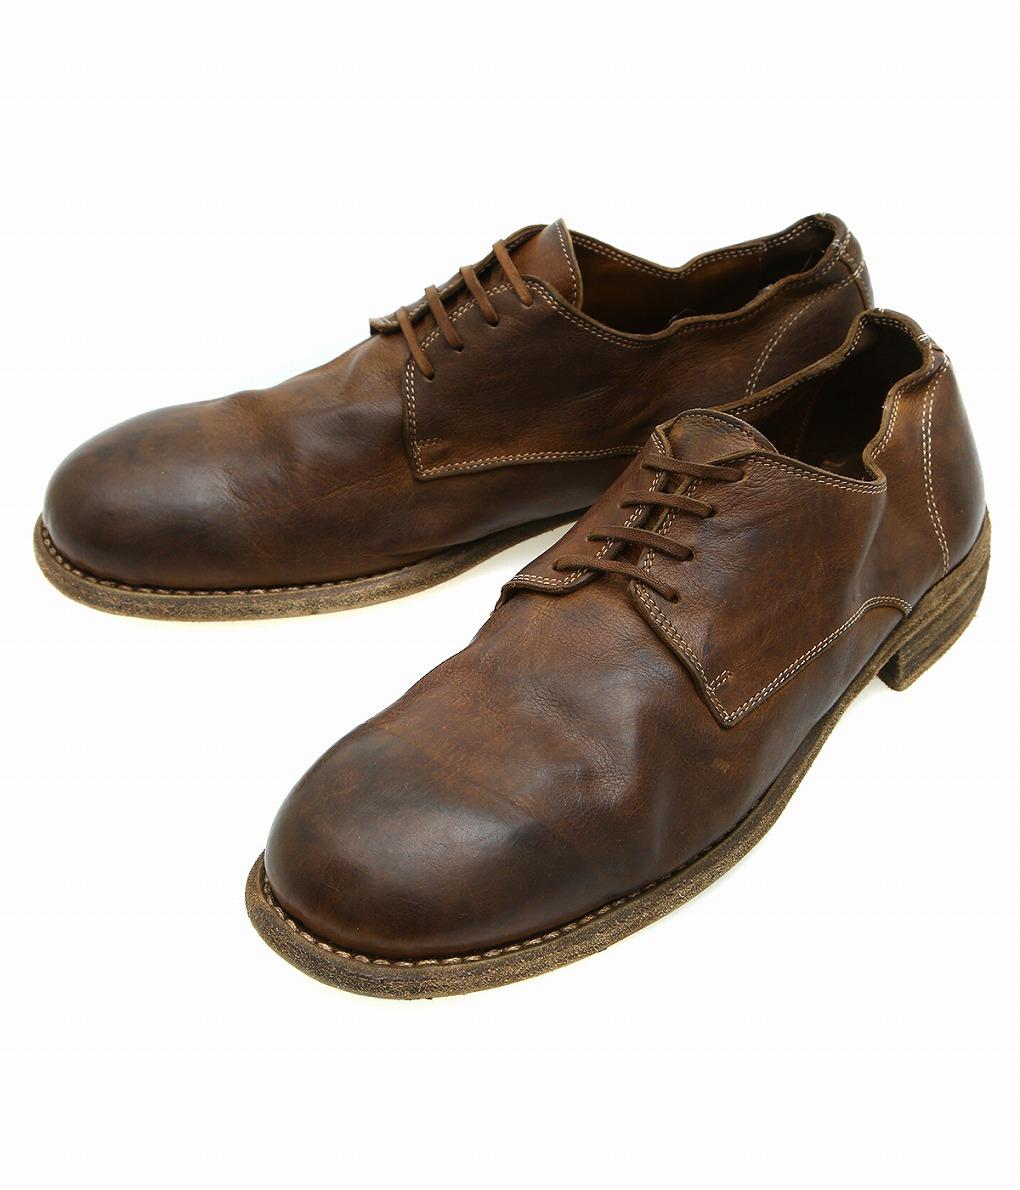 GUIDI / グイディ : LOWLACE SHOES : ローレースシューズ カーフ レザーシューズ 革靴 メンズ : 992-LOWLACE-BCALF 【RIP】